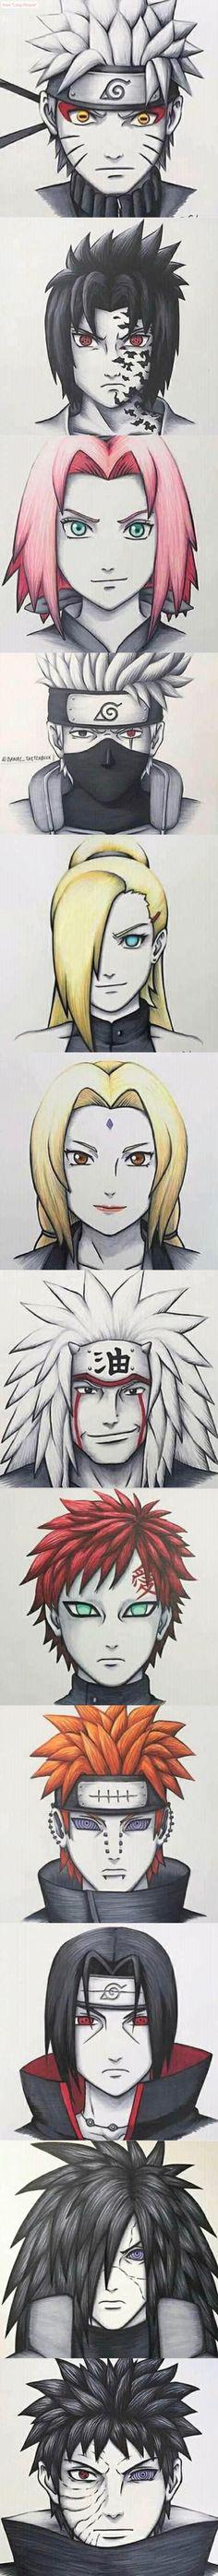 Anime Naruto, Naruto Fan Art, Naruto And Hinata, Boruto, Naruto Shippuden, Kakashi Sharingan, Shikamaru, Anime Eyes, Anime Manga